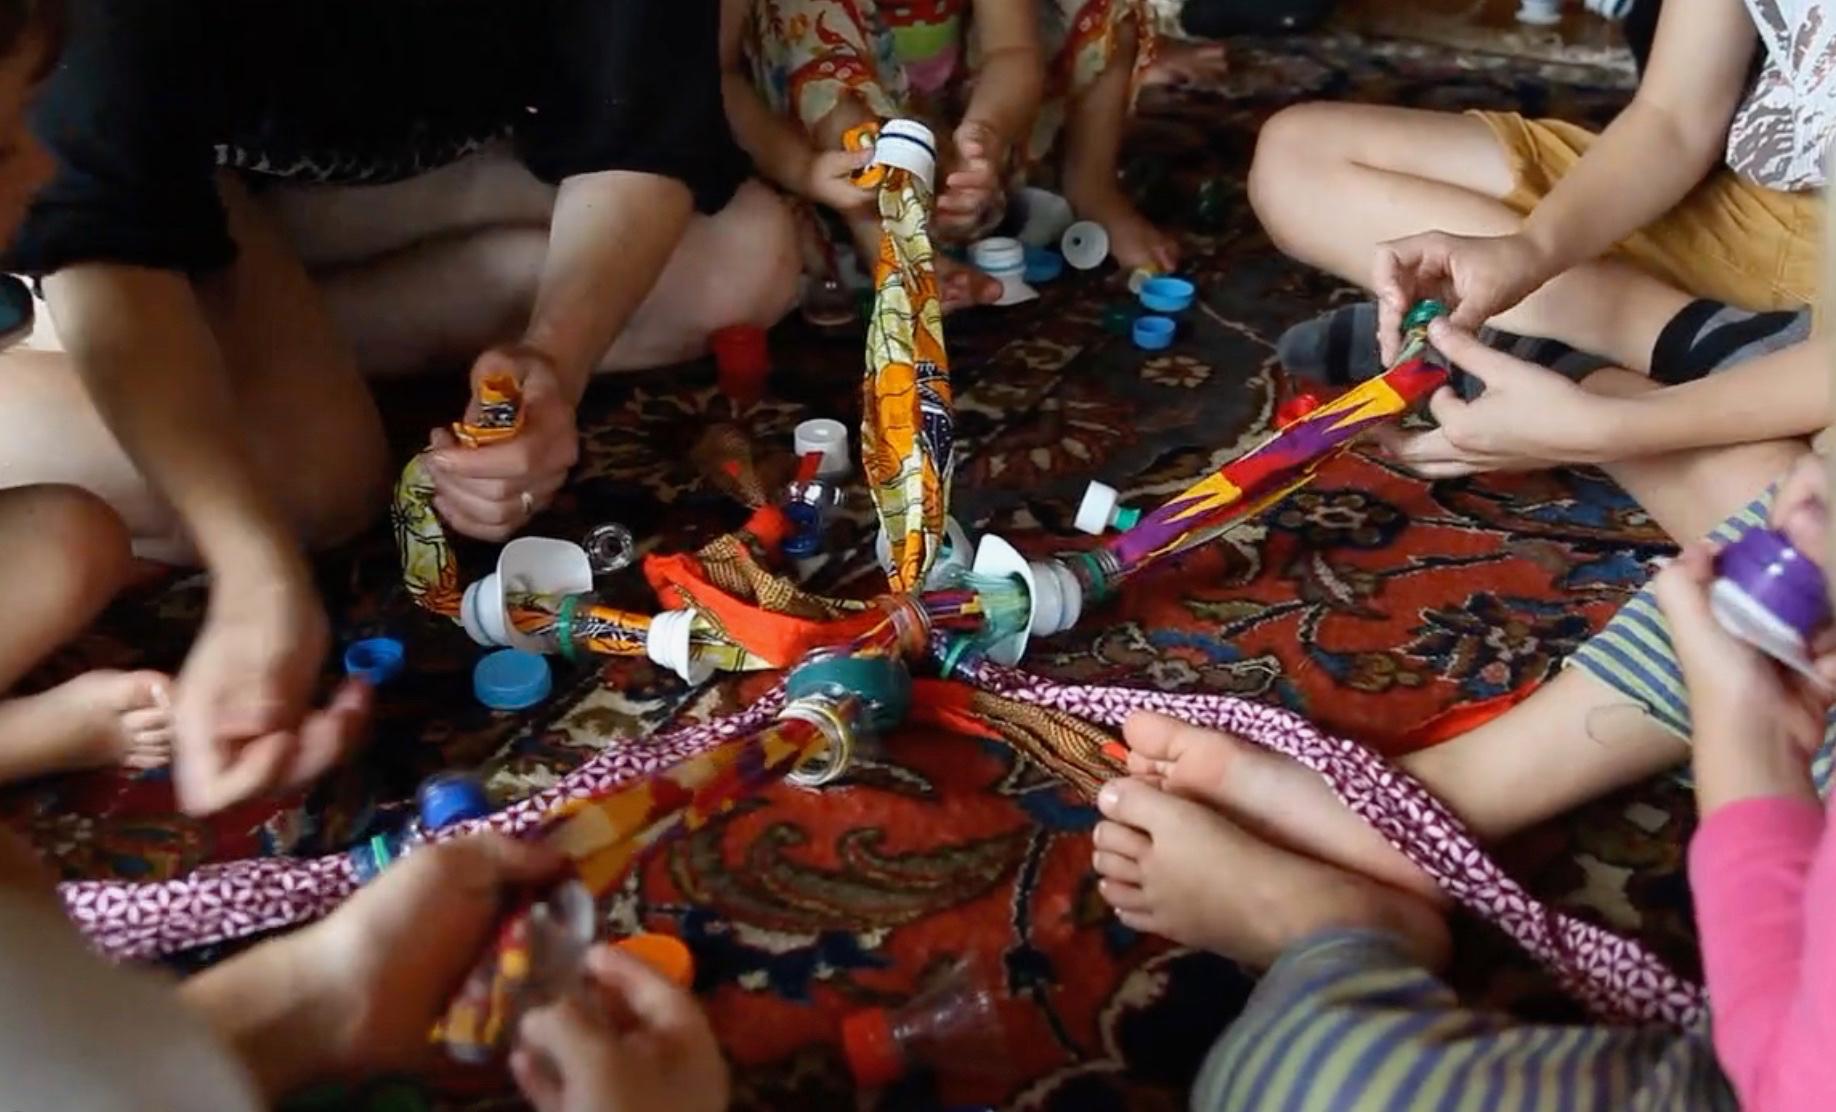 Matériel pour les jeux coopératifs réalisé à partir d'objets recyclés : Bouchons recyclés